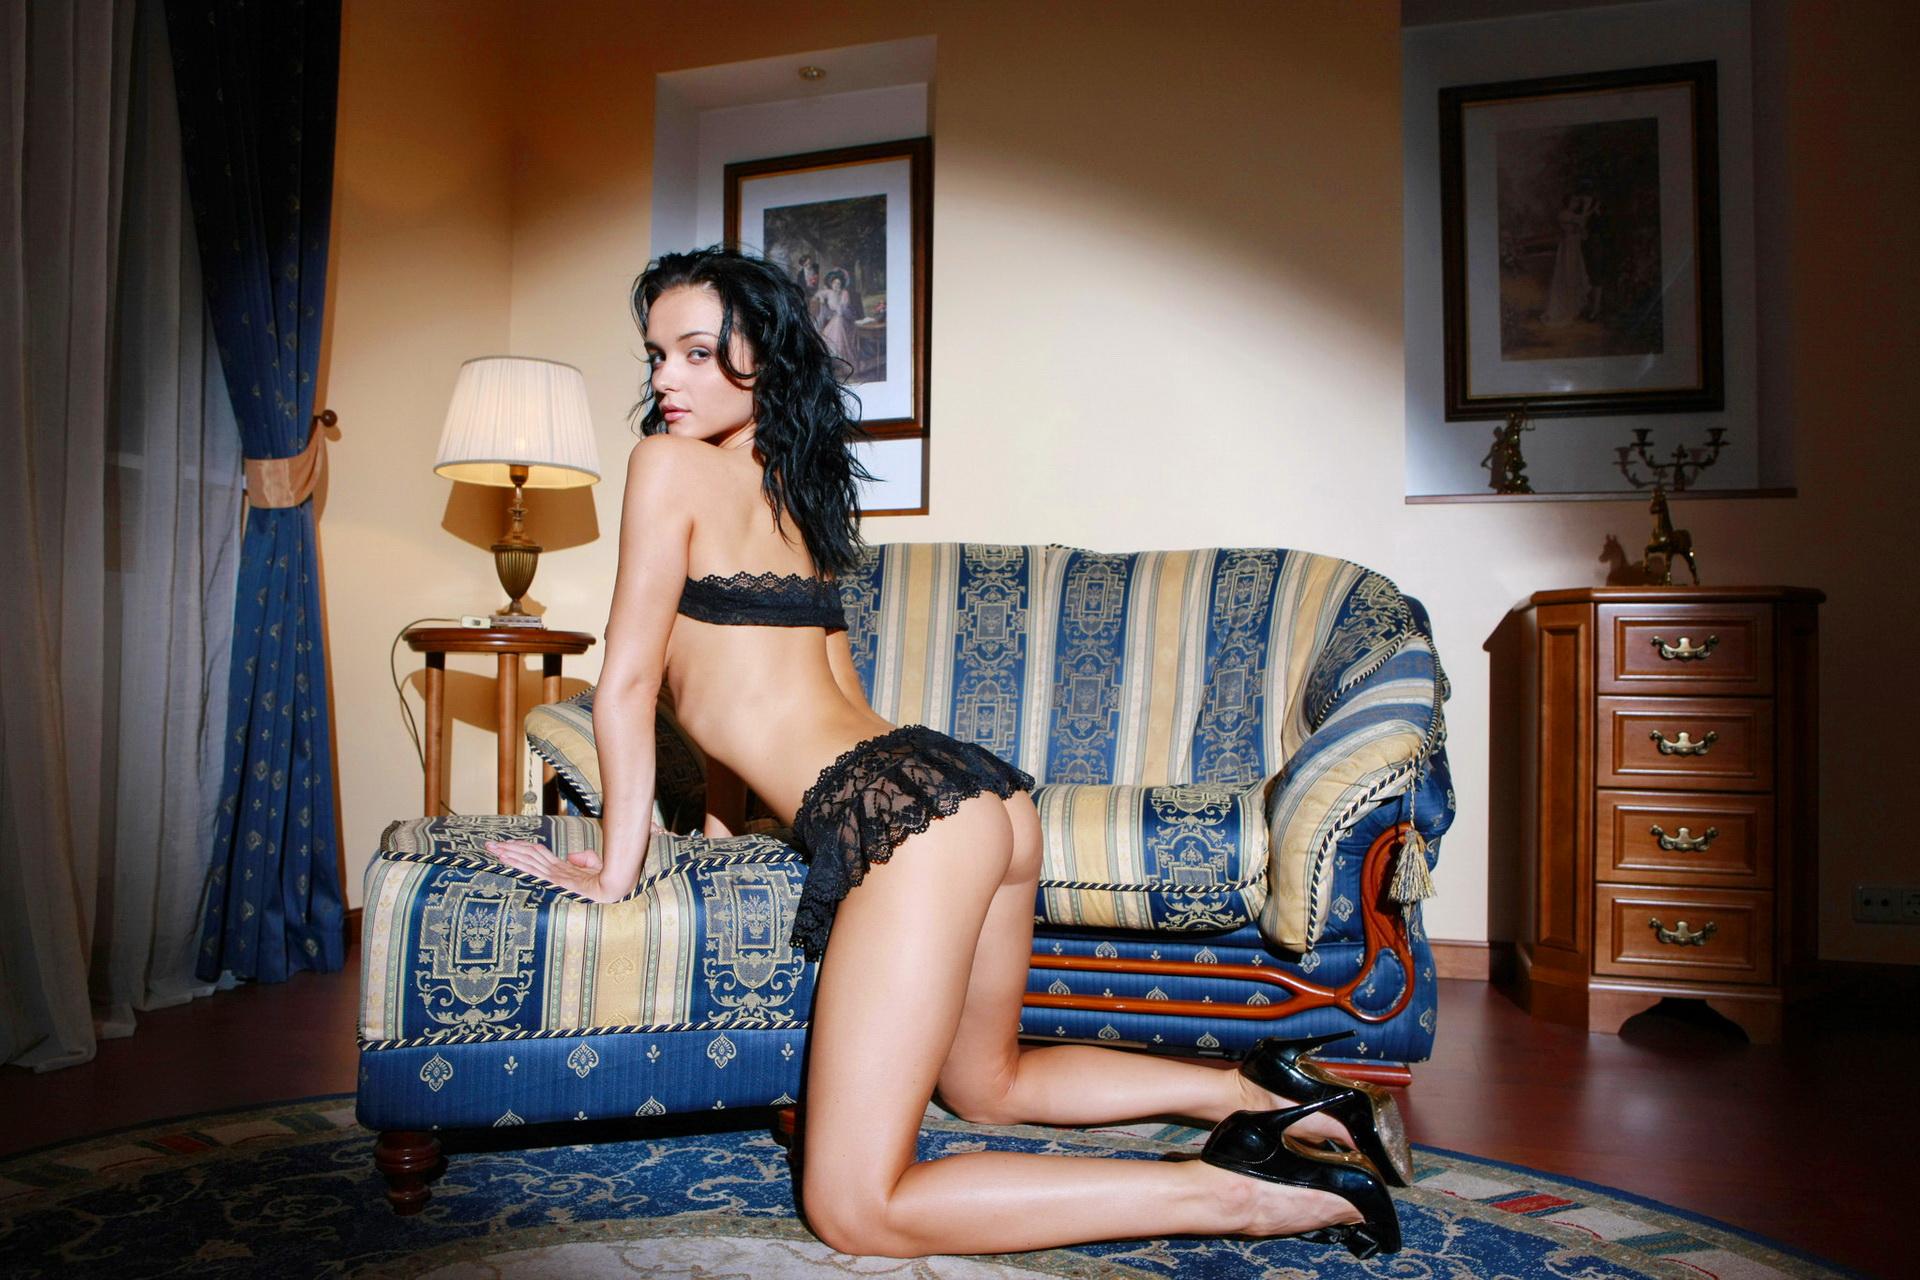 People 1920x1280 Jenya D ass Eugenia Dior lingerie bent over looking  over shoulder looking at viewer high heels kneeling Katie Fey